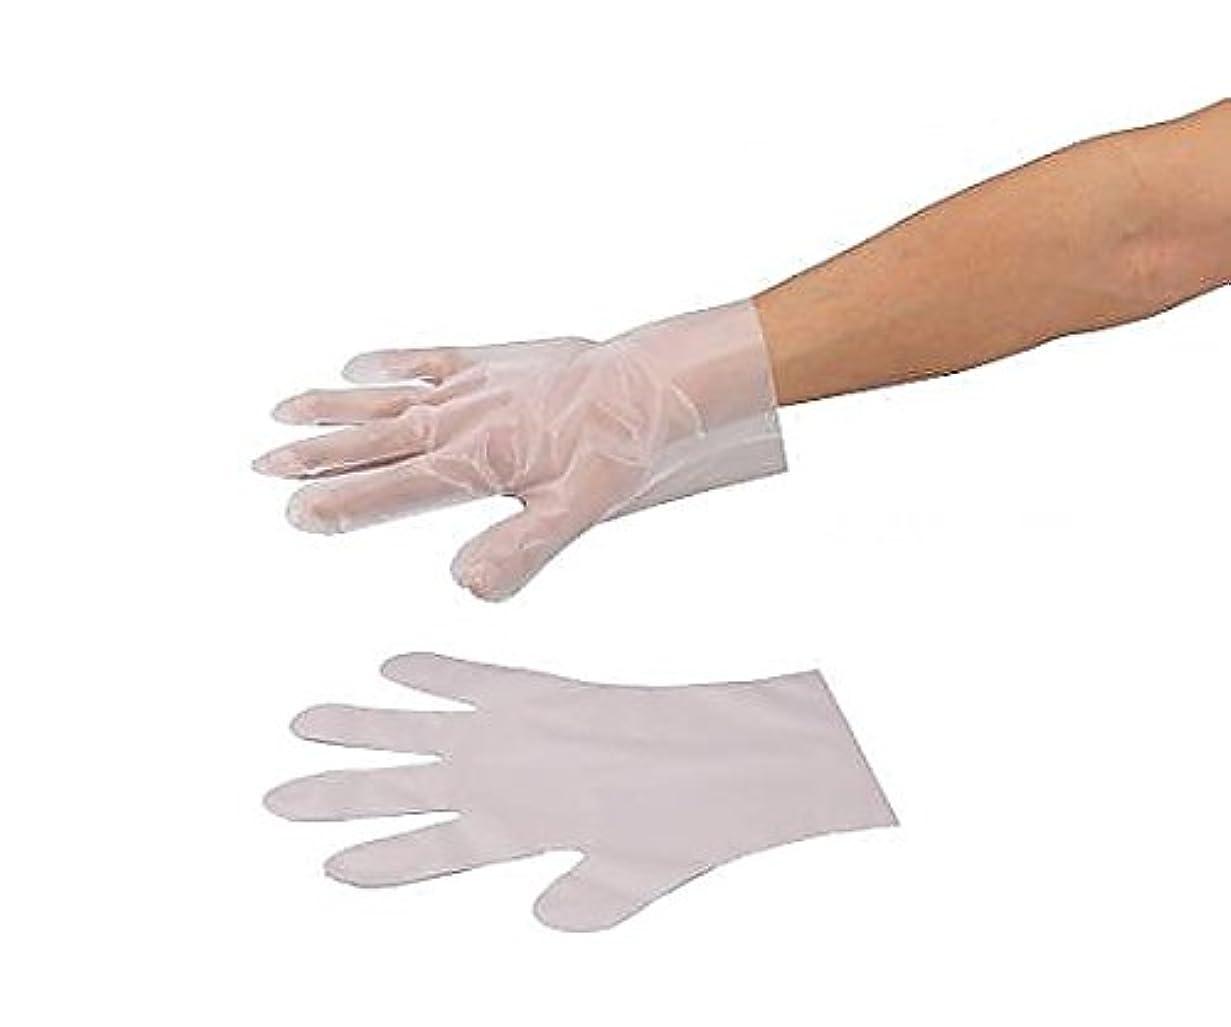 アズワン9-889-01ラボランサニメント手袋(PE?厚手タイプ)エンボス付L10箱+1箱